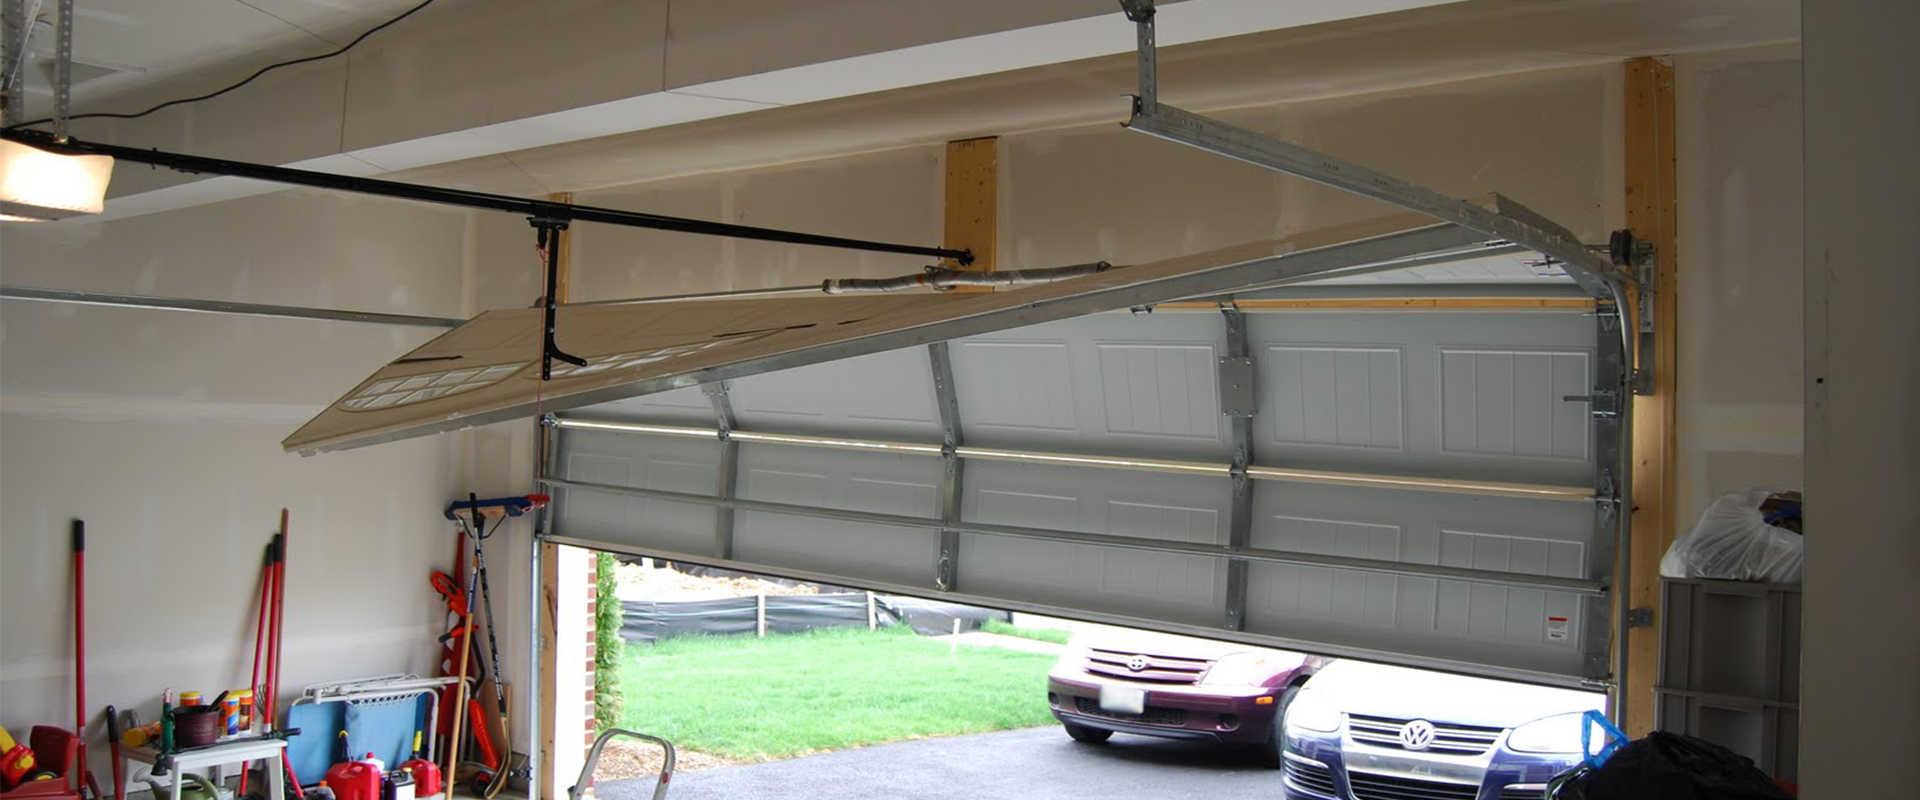 911 Garage Door Repair San Diego Ca Garage Doors Experts